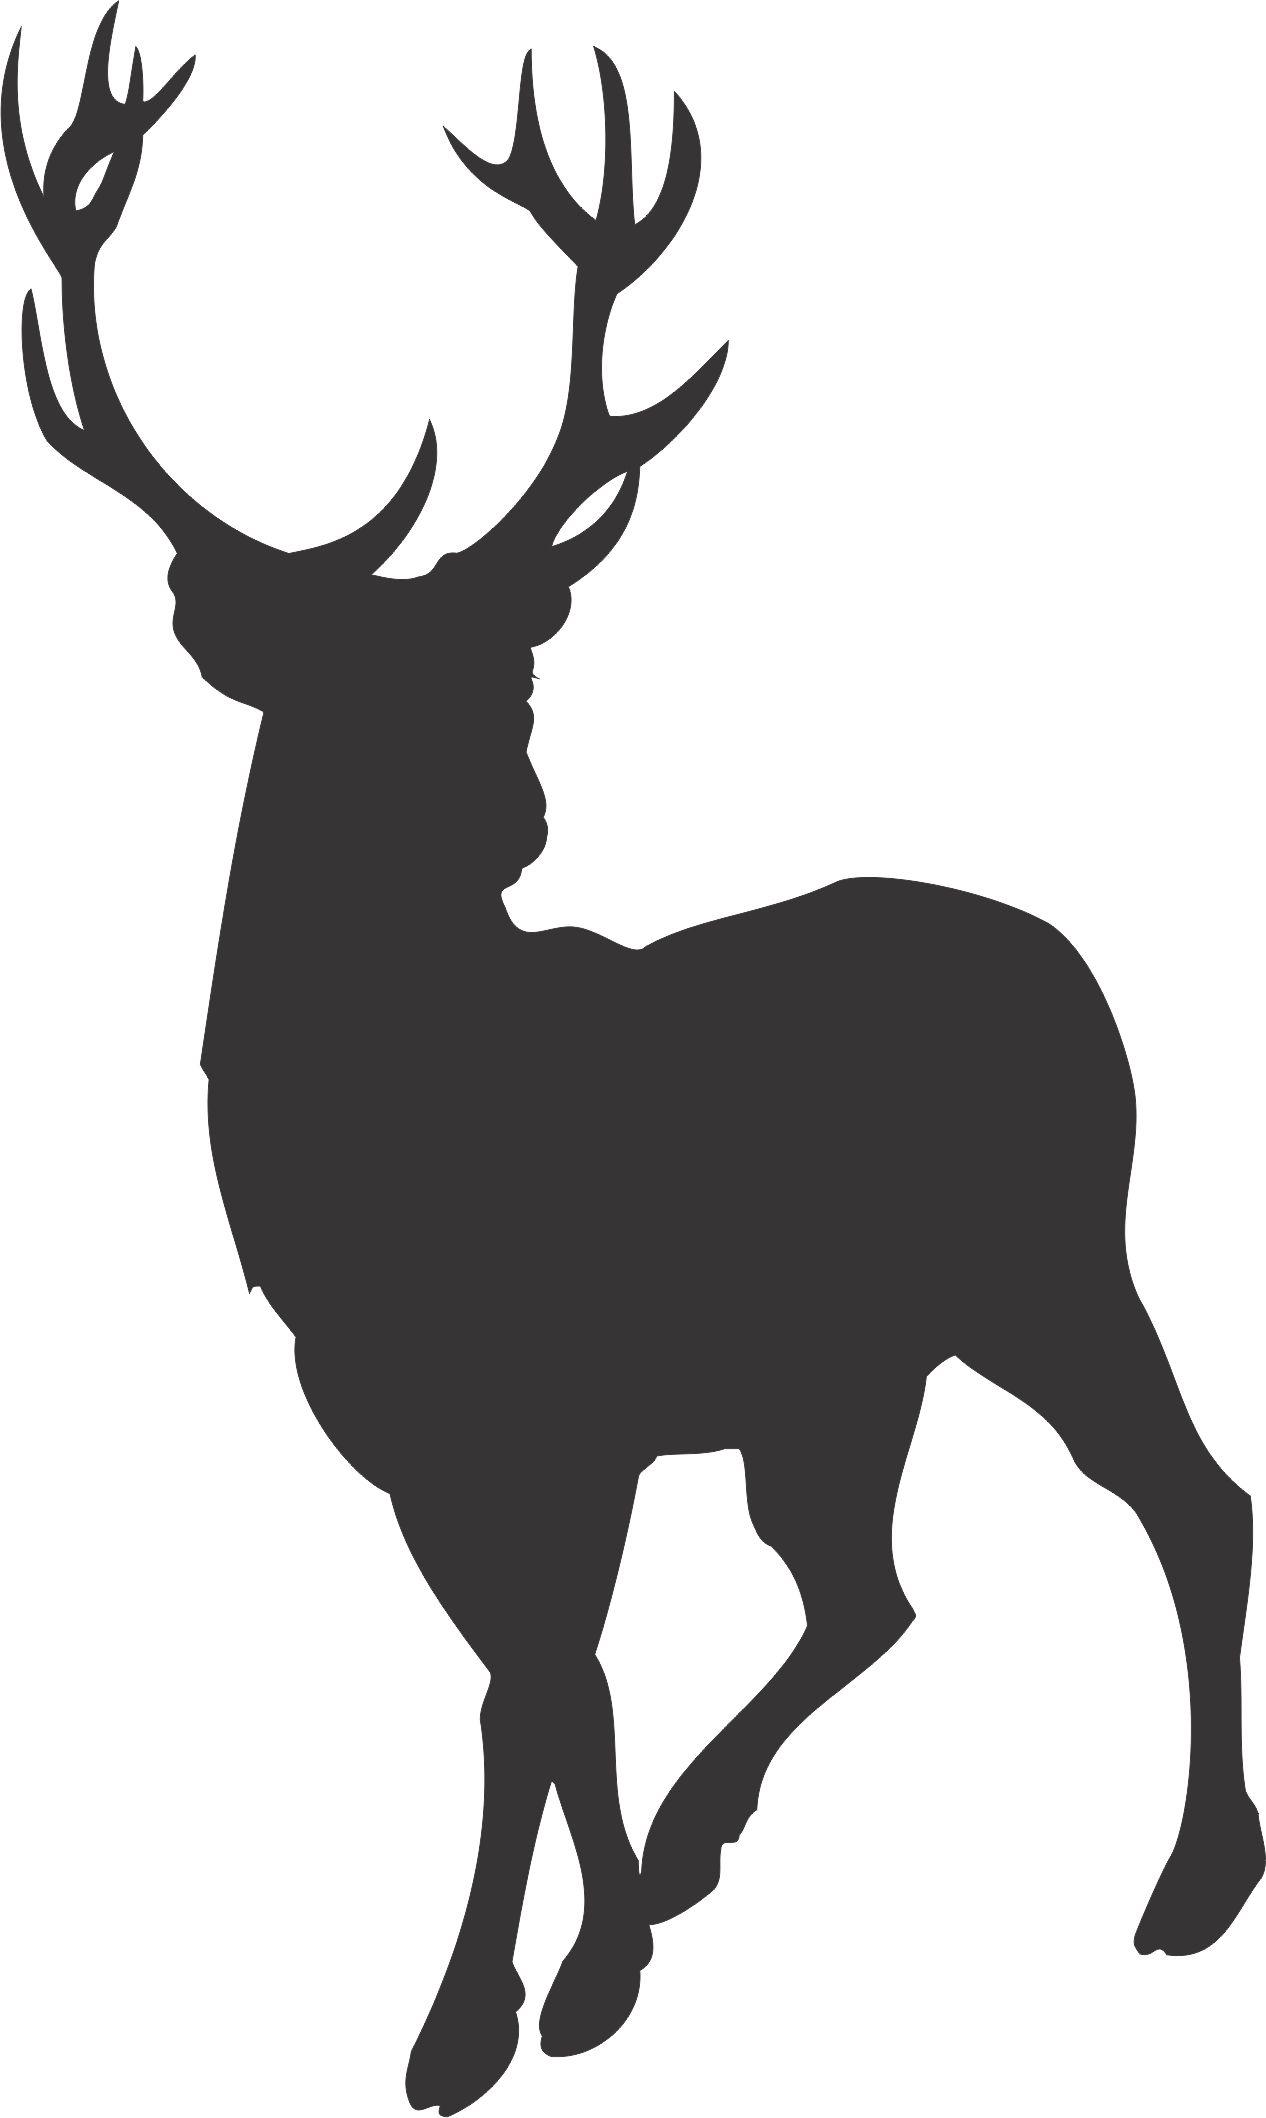 Http Www Search Best Cartoon Com Cartoon Deer Cartoon Deer Silhouette 03 Jpg Deer Silhouette Deer Deer Head Silhouette